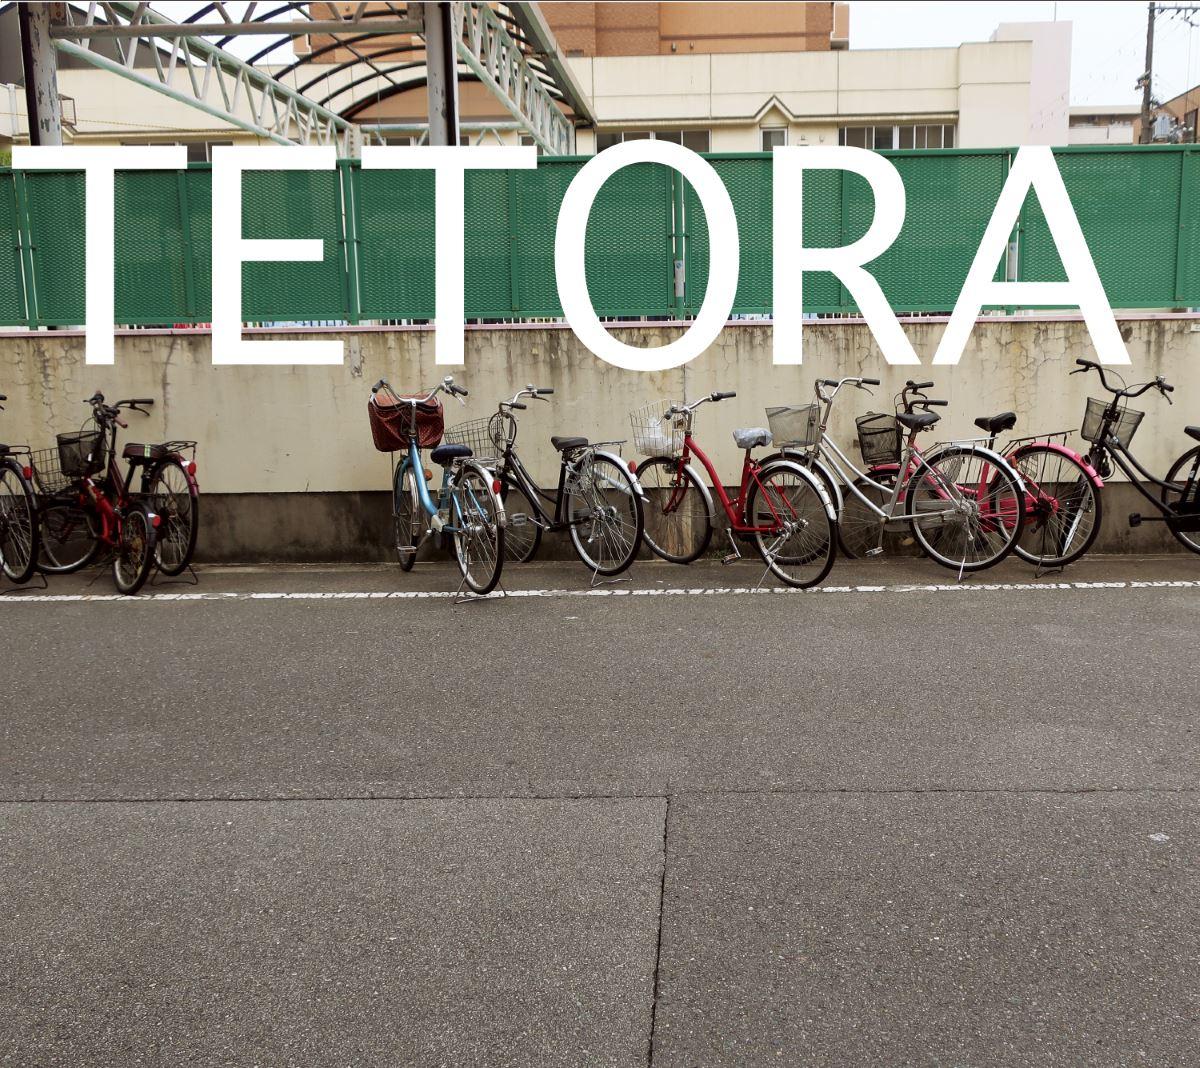 『TETORA - 今日くらいは』収録の『教室の一角より』ジャケット